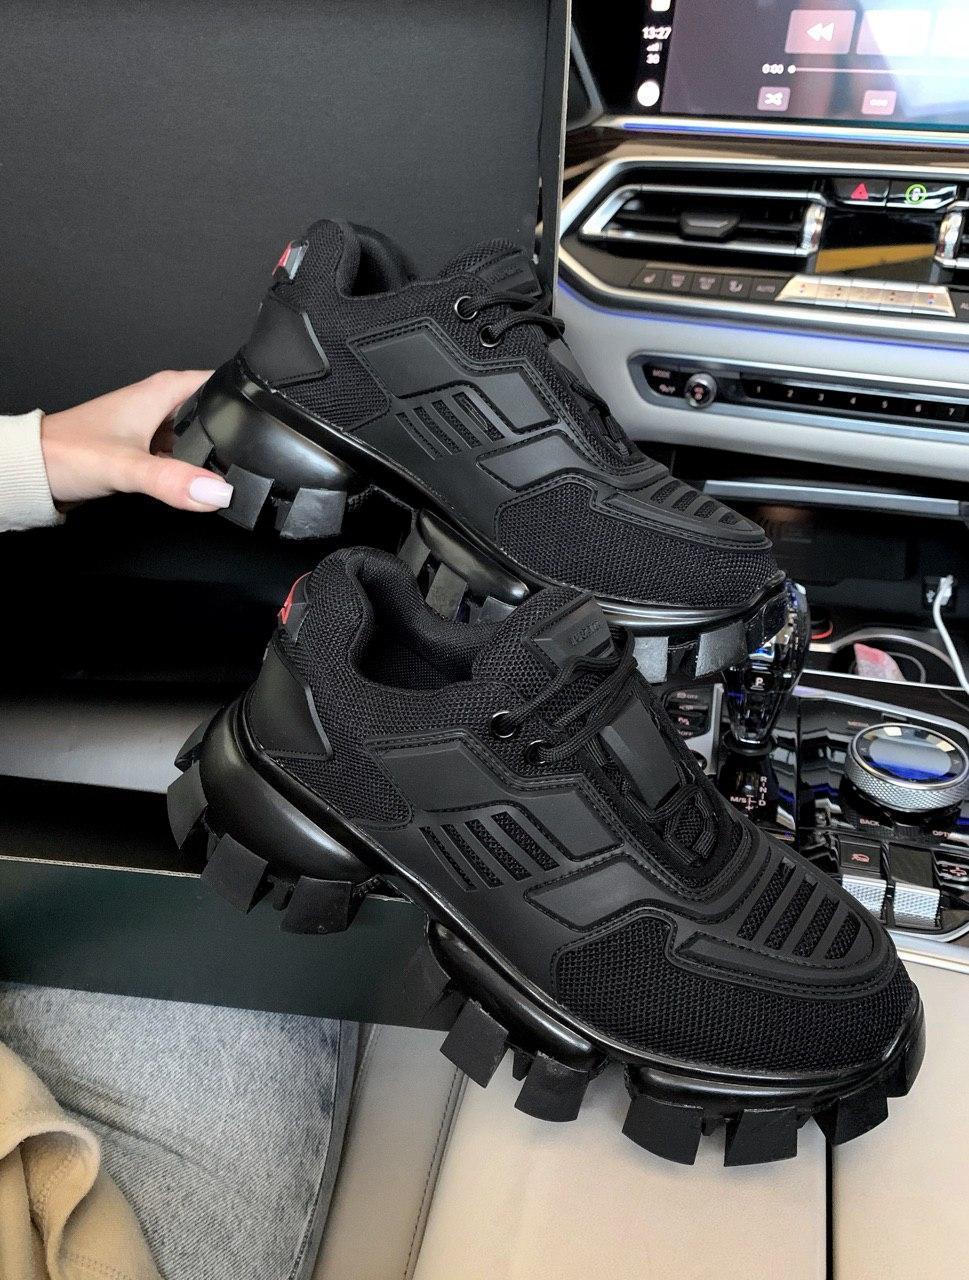 Жіночі кросівки Prada CoudBust (black), жіночі кросівки Прада